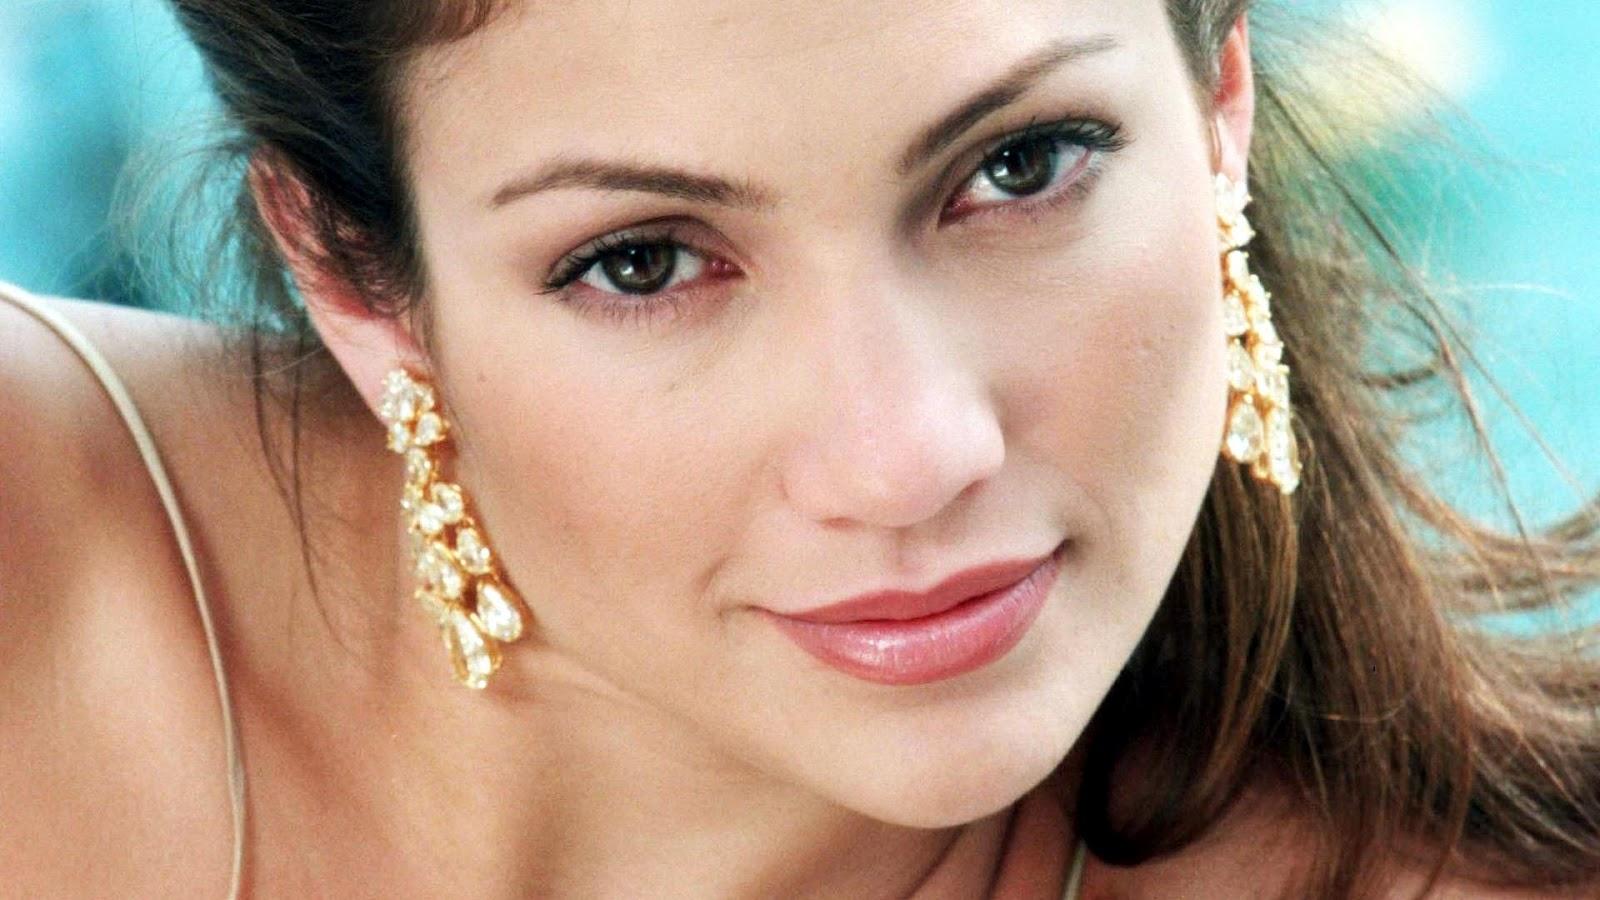 http://4.bp.blogspot.com/-YZqL3sNZbSQ/UBCYASdHB_I/AAAAAAAABh0/9q8G8lXhw0w/s1600/jennifer-lopez-celebrity-wallpaper-1080x1920.jpg